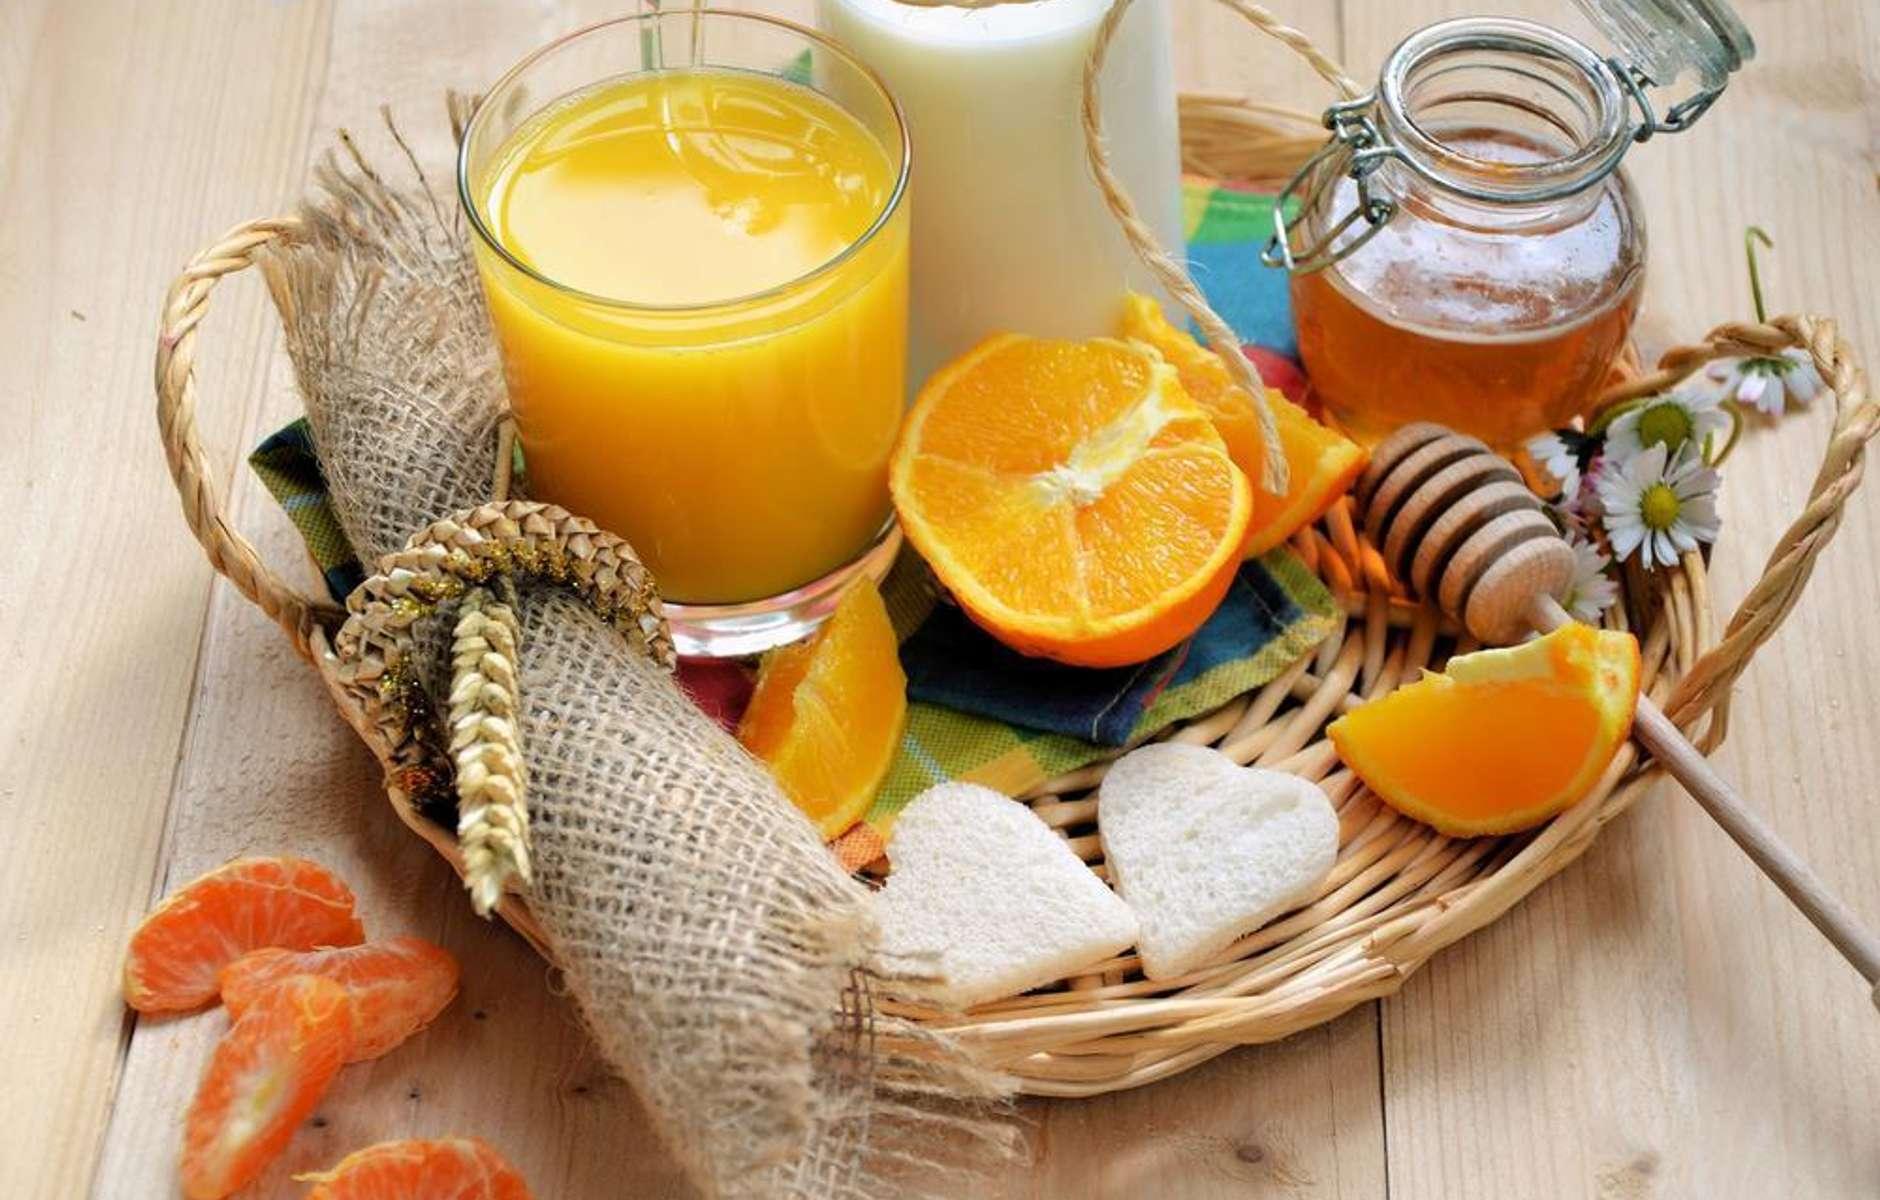 آب پرتقال برای درمان پاشنه خشک و ترک خورده